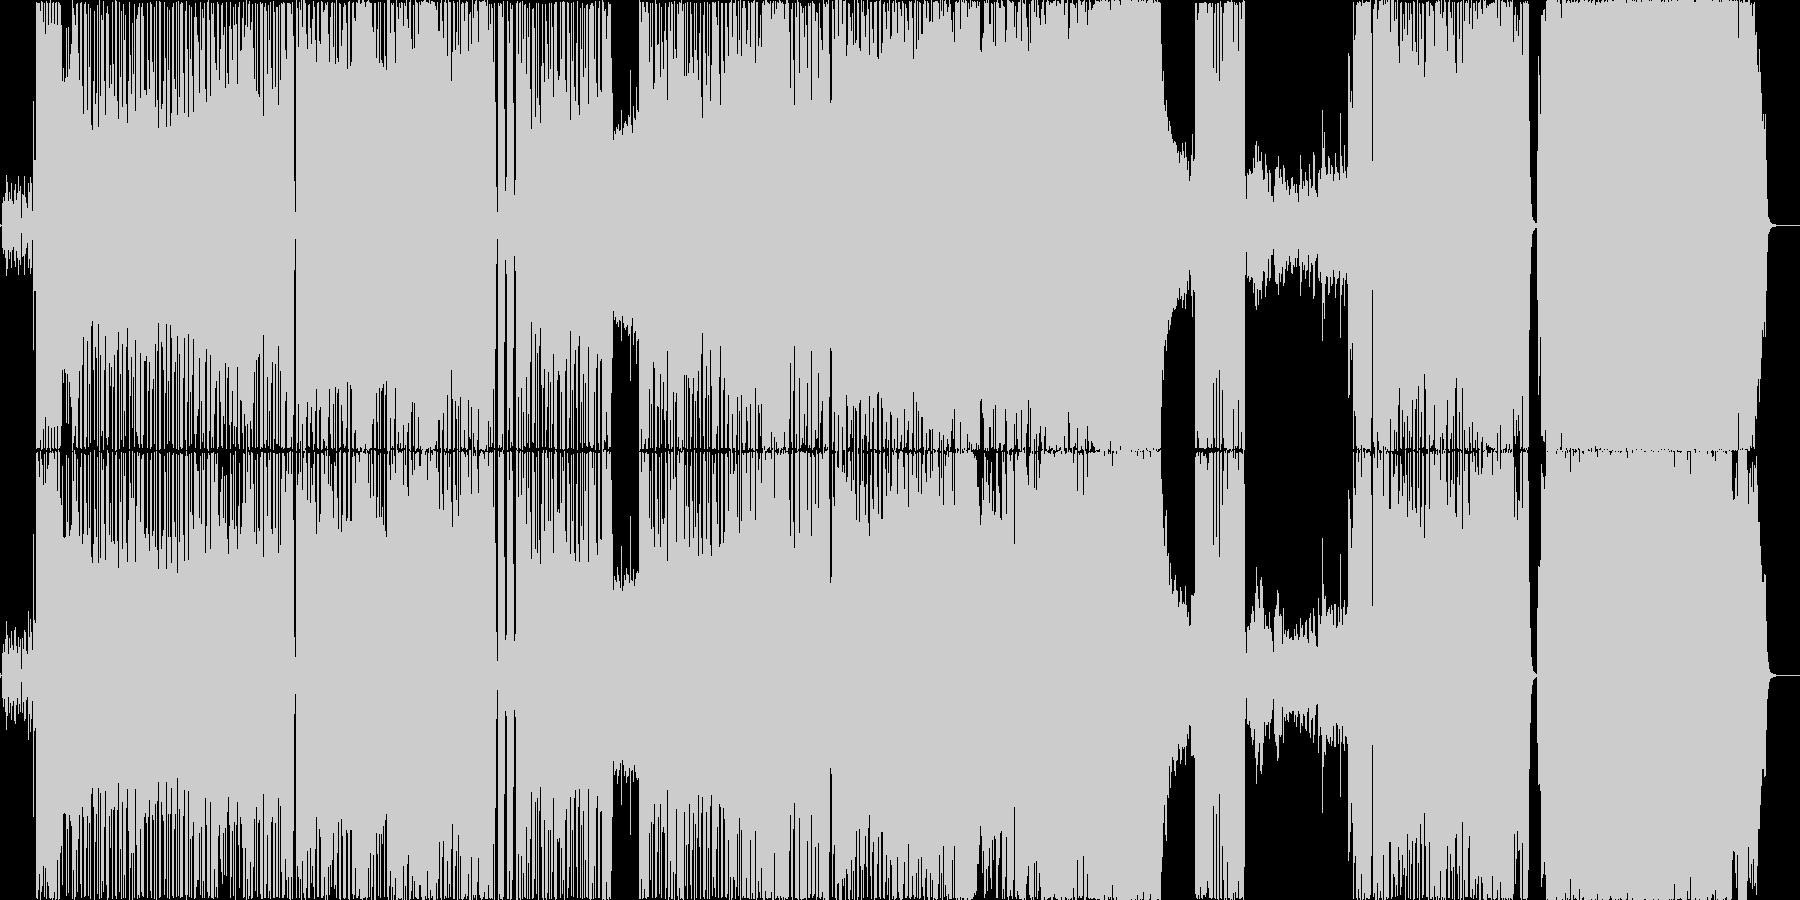 白鳥の湖をモチーフにしたポップバラードの未再生の波形